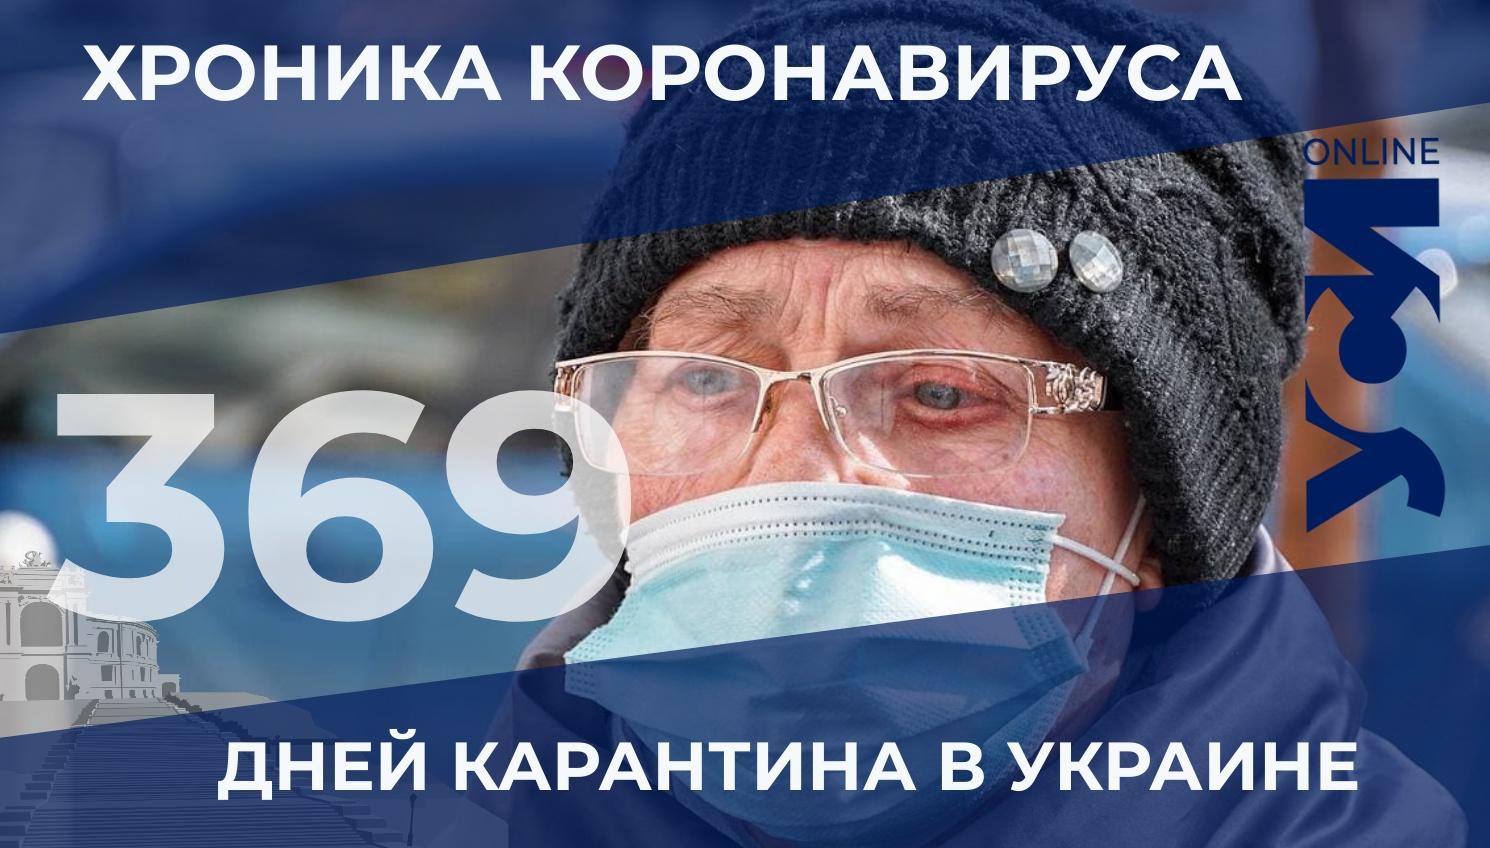 Хроника COVID-19: в Одесской области — 407 новых заболевших «фото»